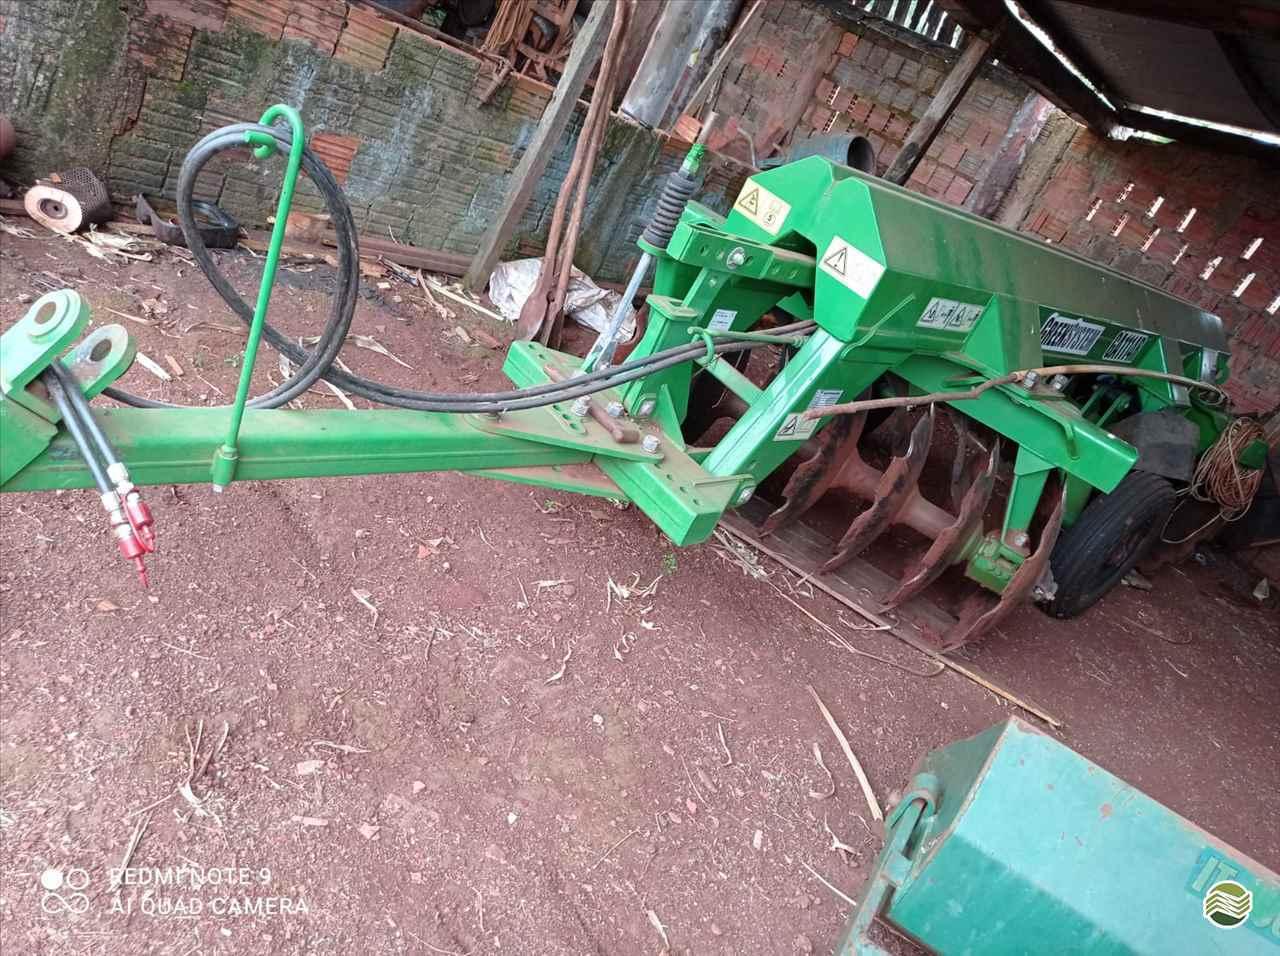 IMPLEMENTOS AGRICOLAS GRADE ARADORA ARADORA 14 DISCOS Precilo Máquinas PONTA PORA MATO GROSSO DO SUL MS